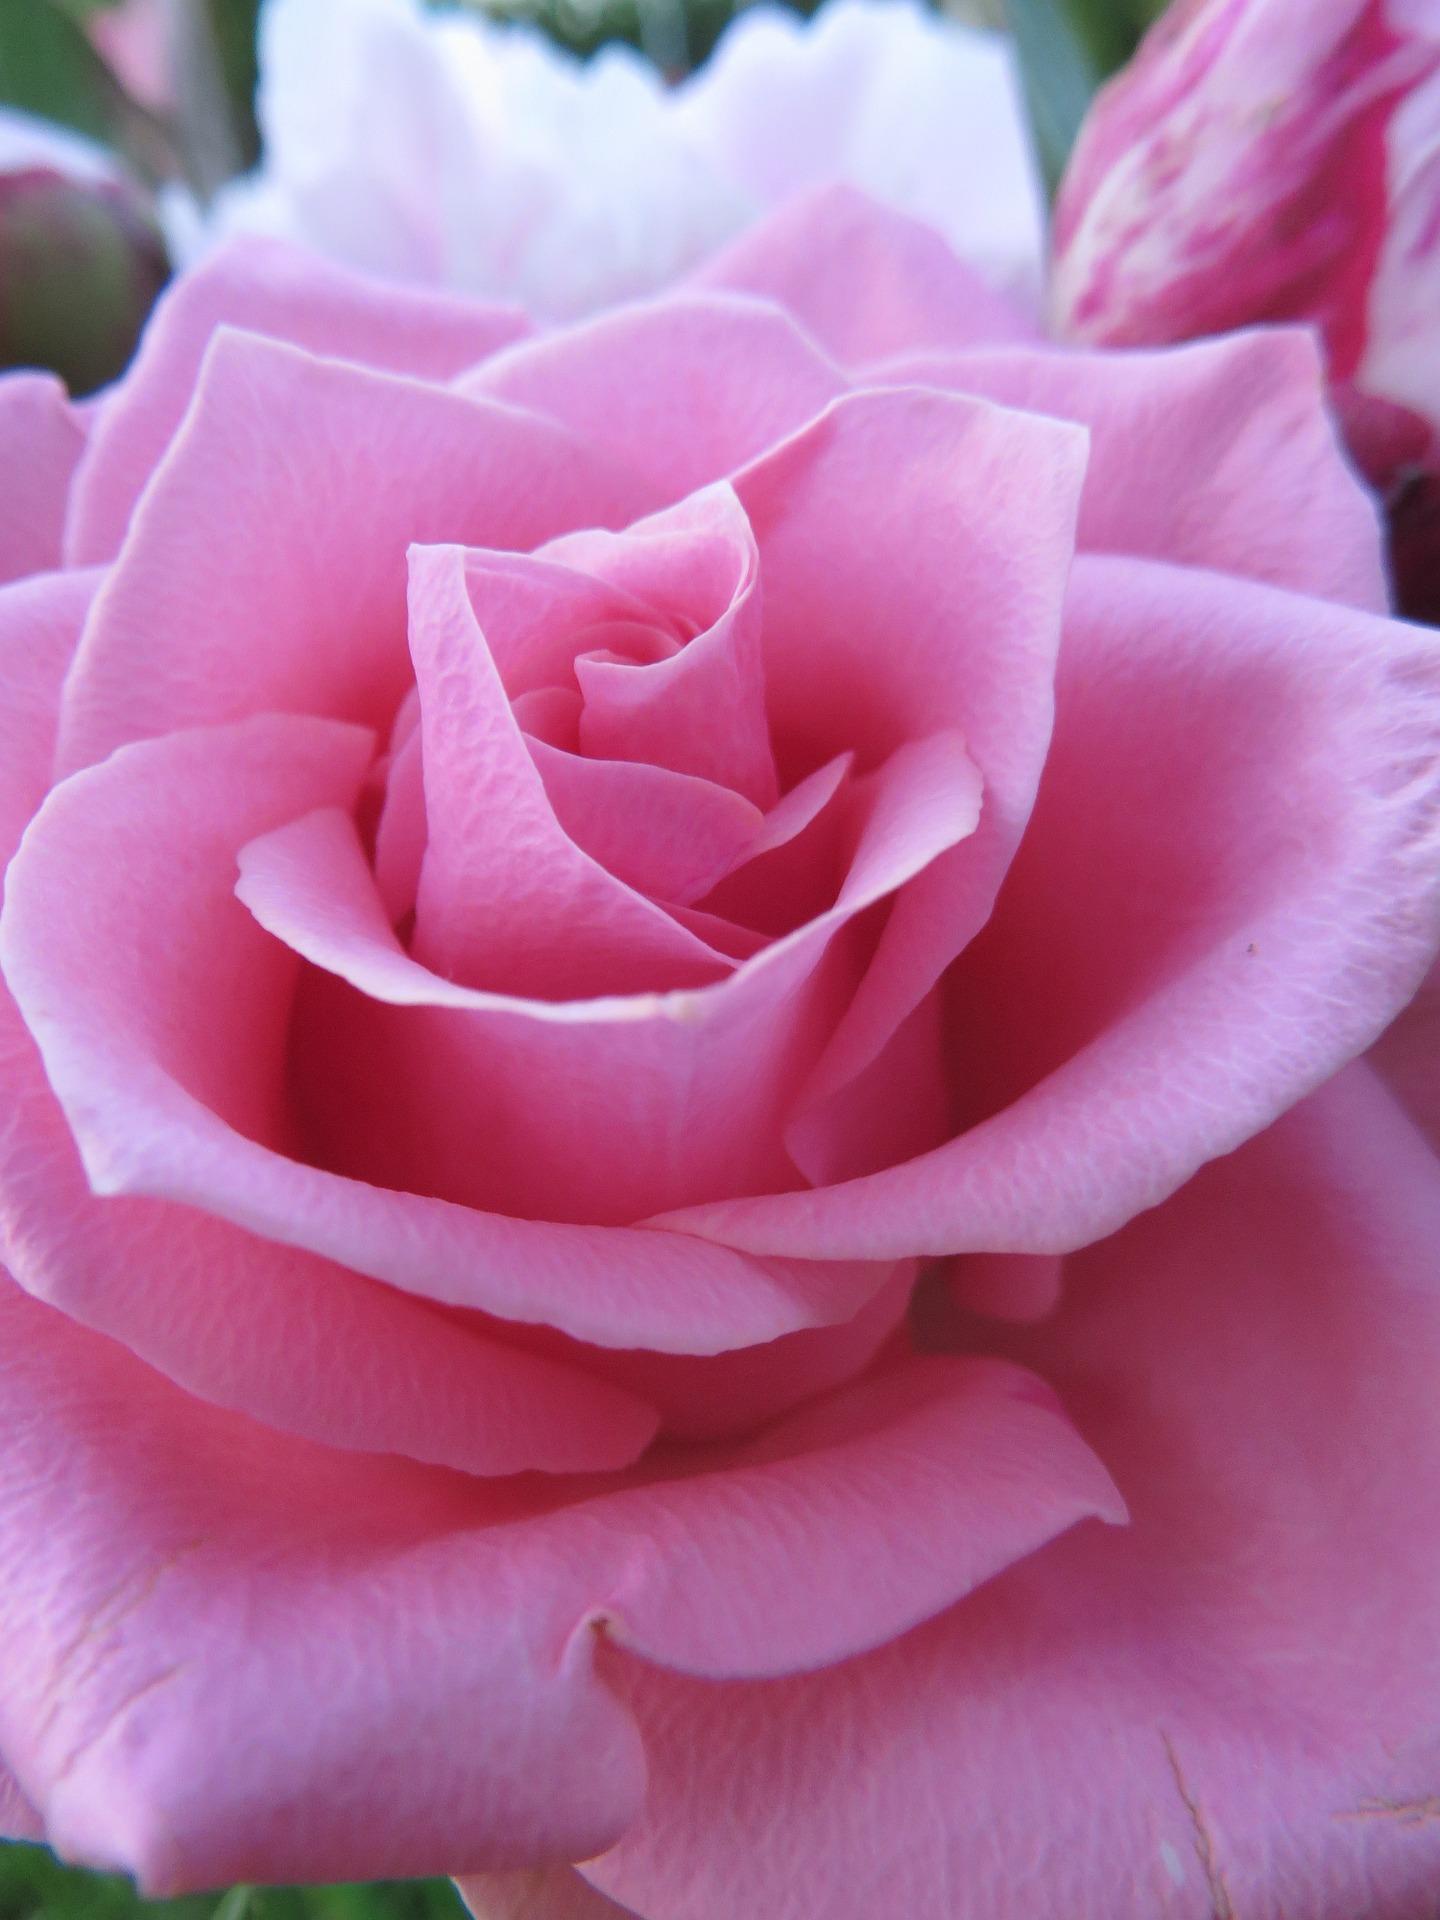 薔薇の待ち受け 情熱が蘇る 恋愛運アップ Iphone Lineの背景